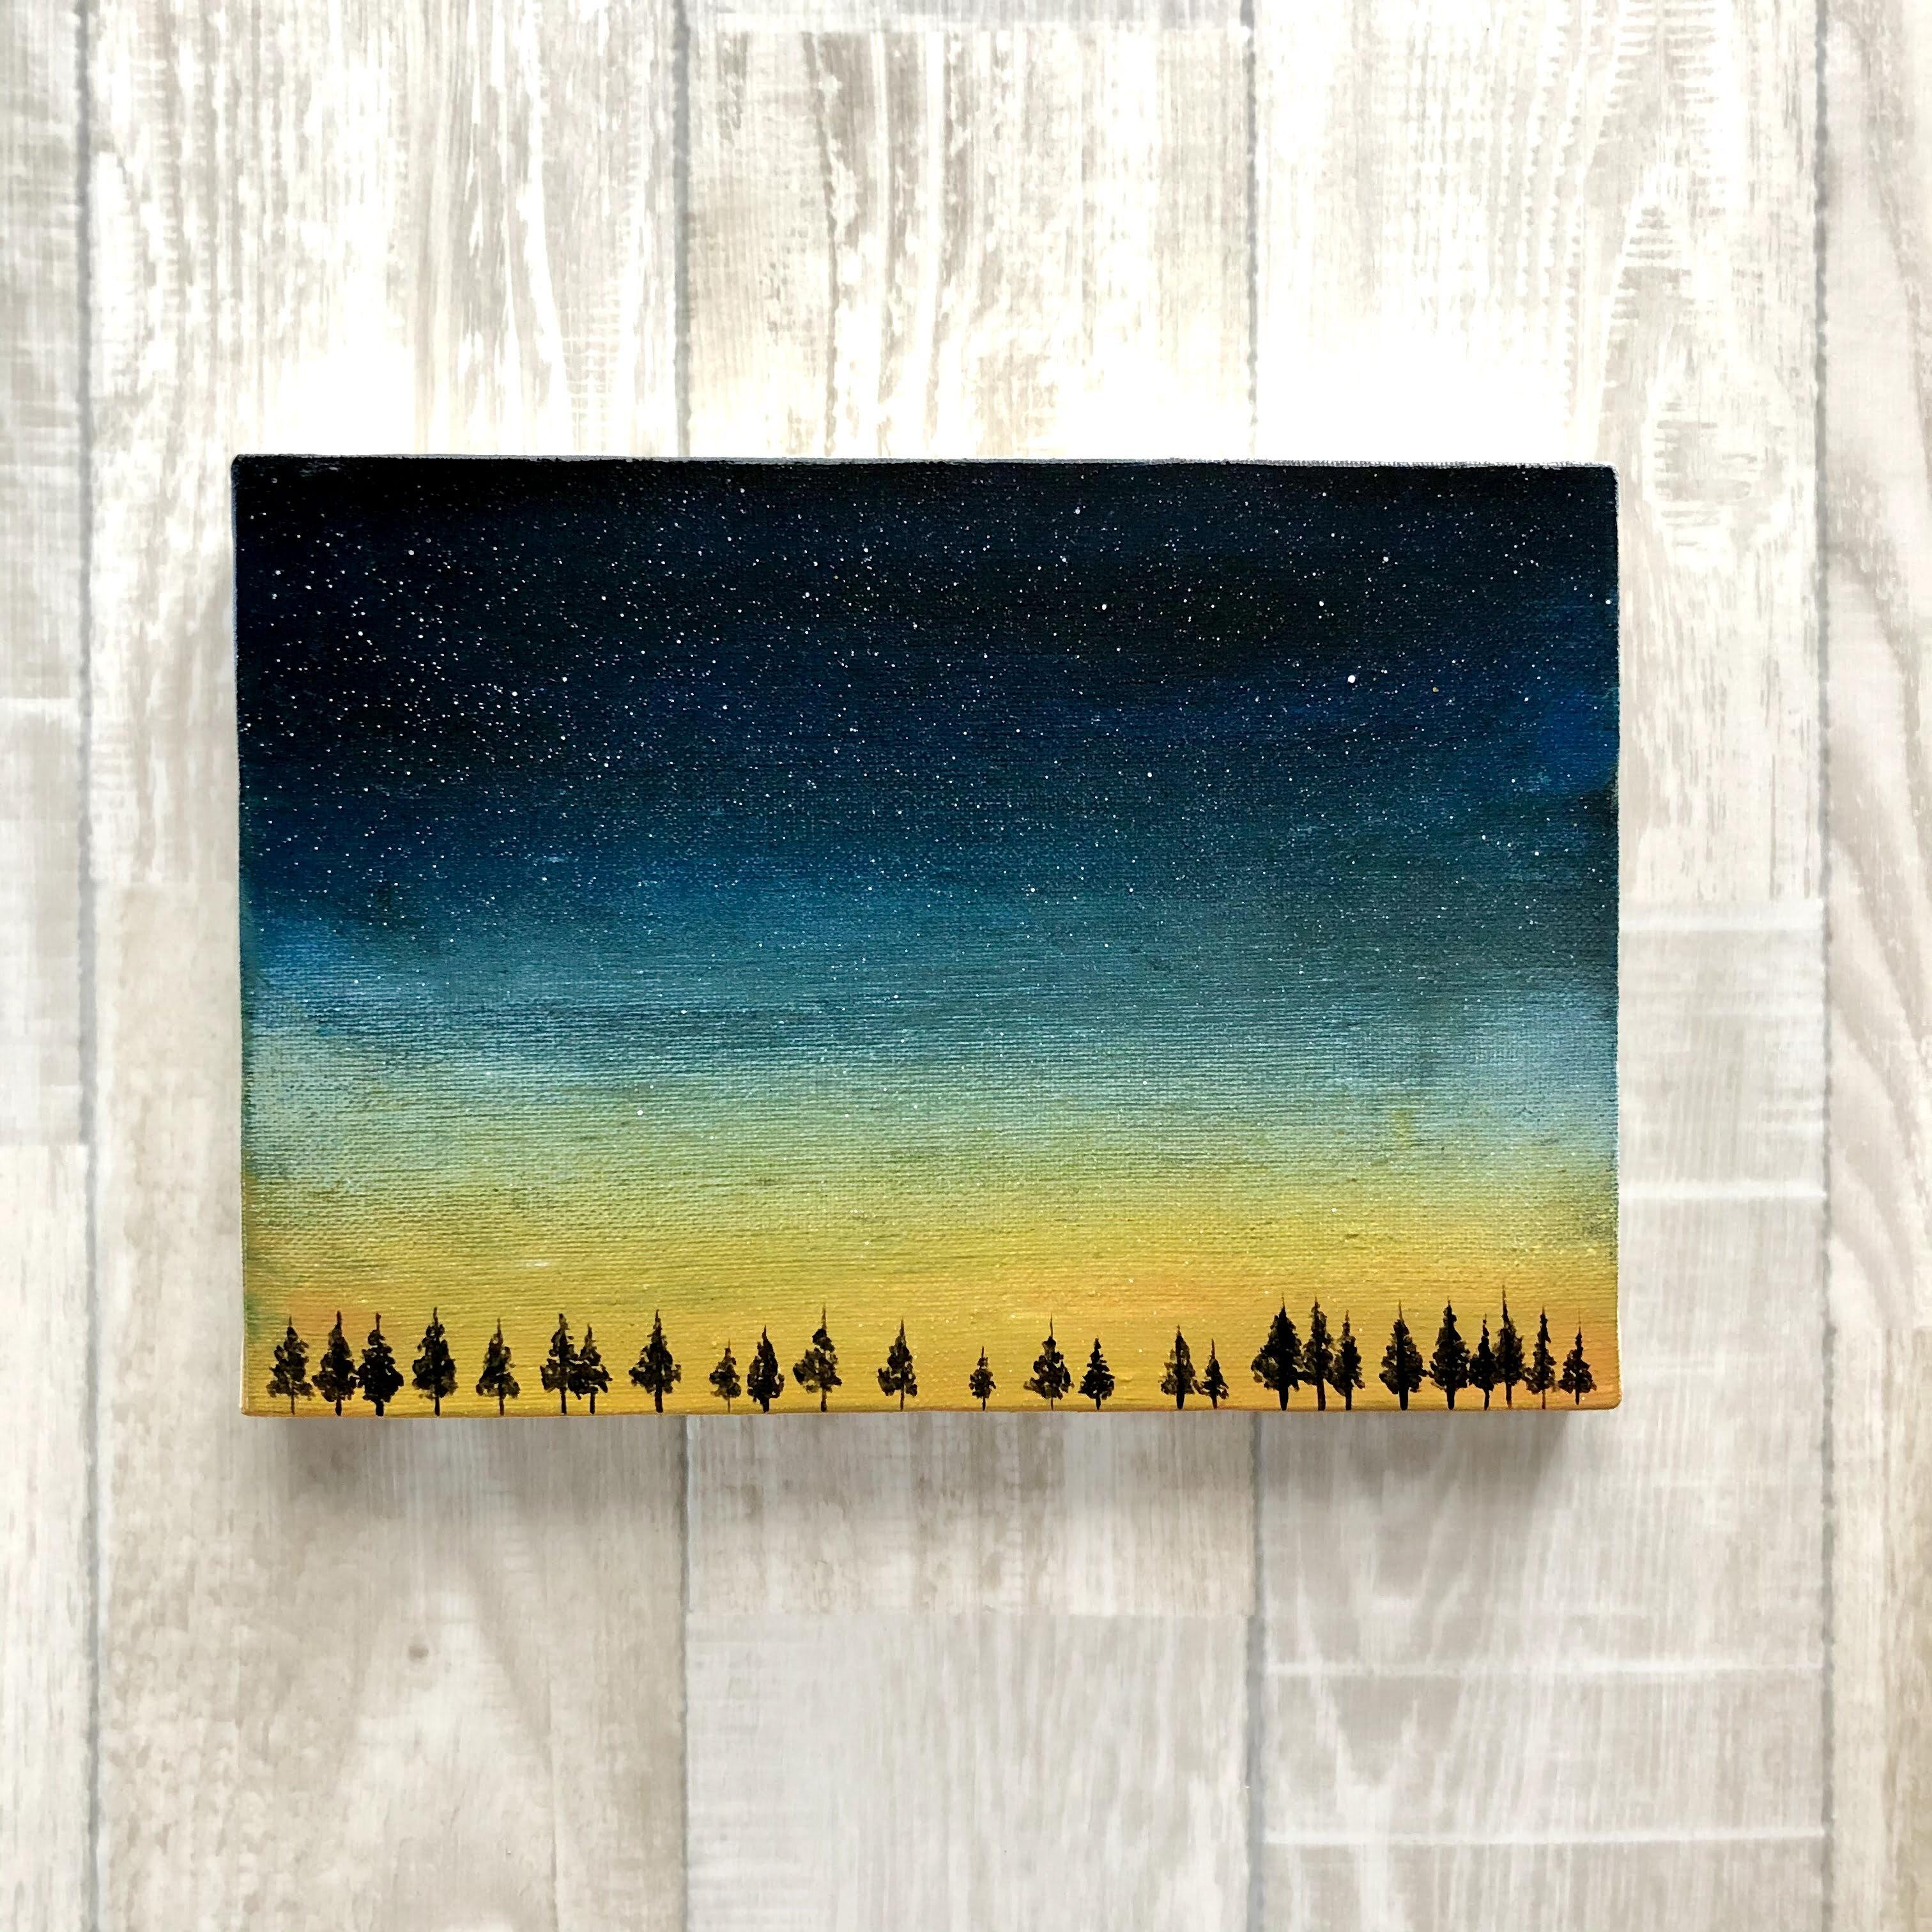 「夜が来る」 キャンバスパネル風景画